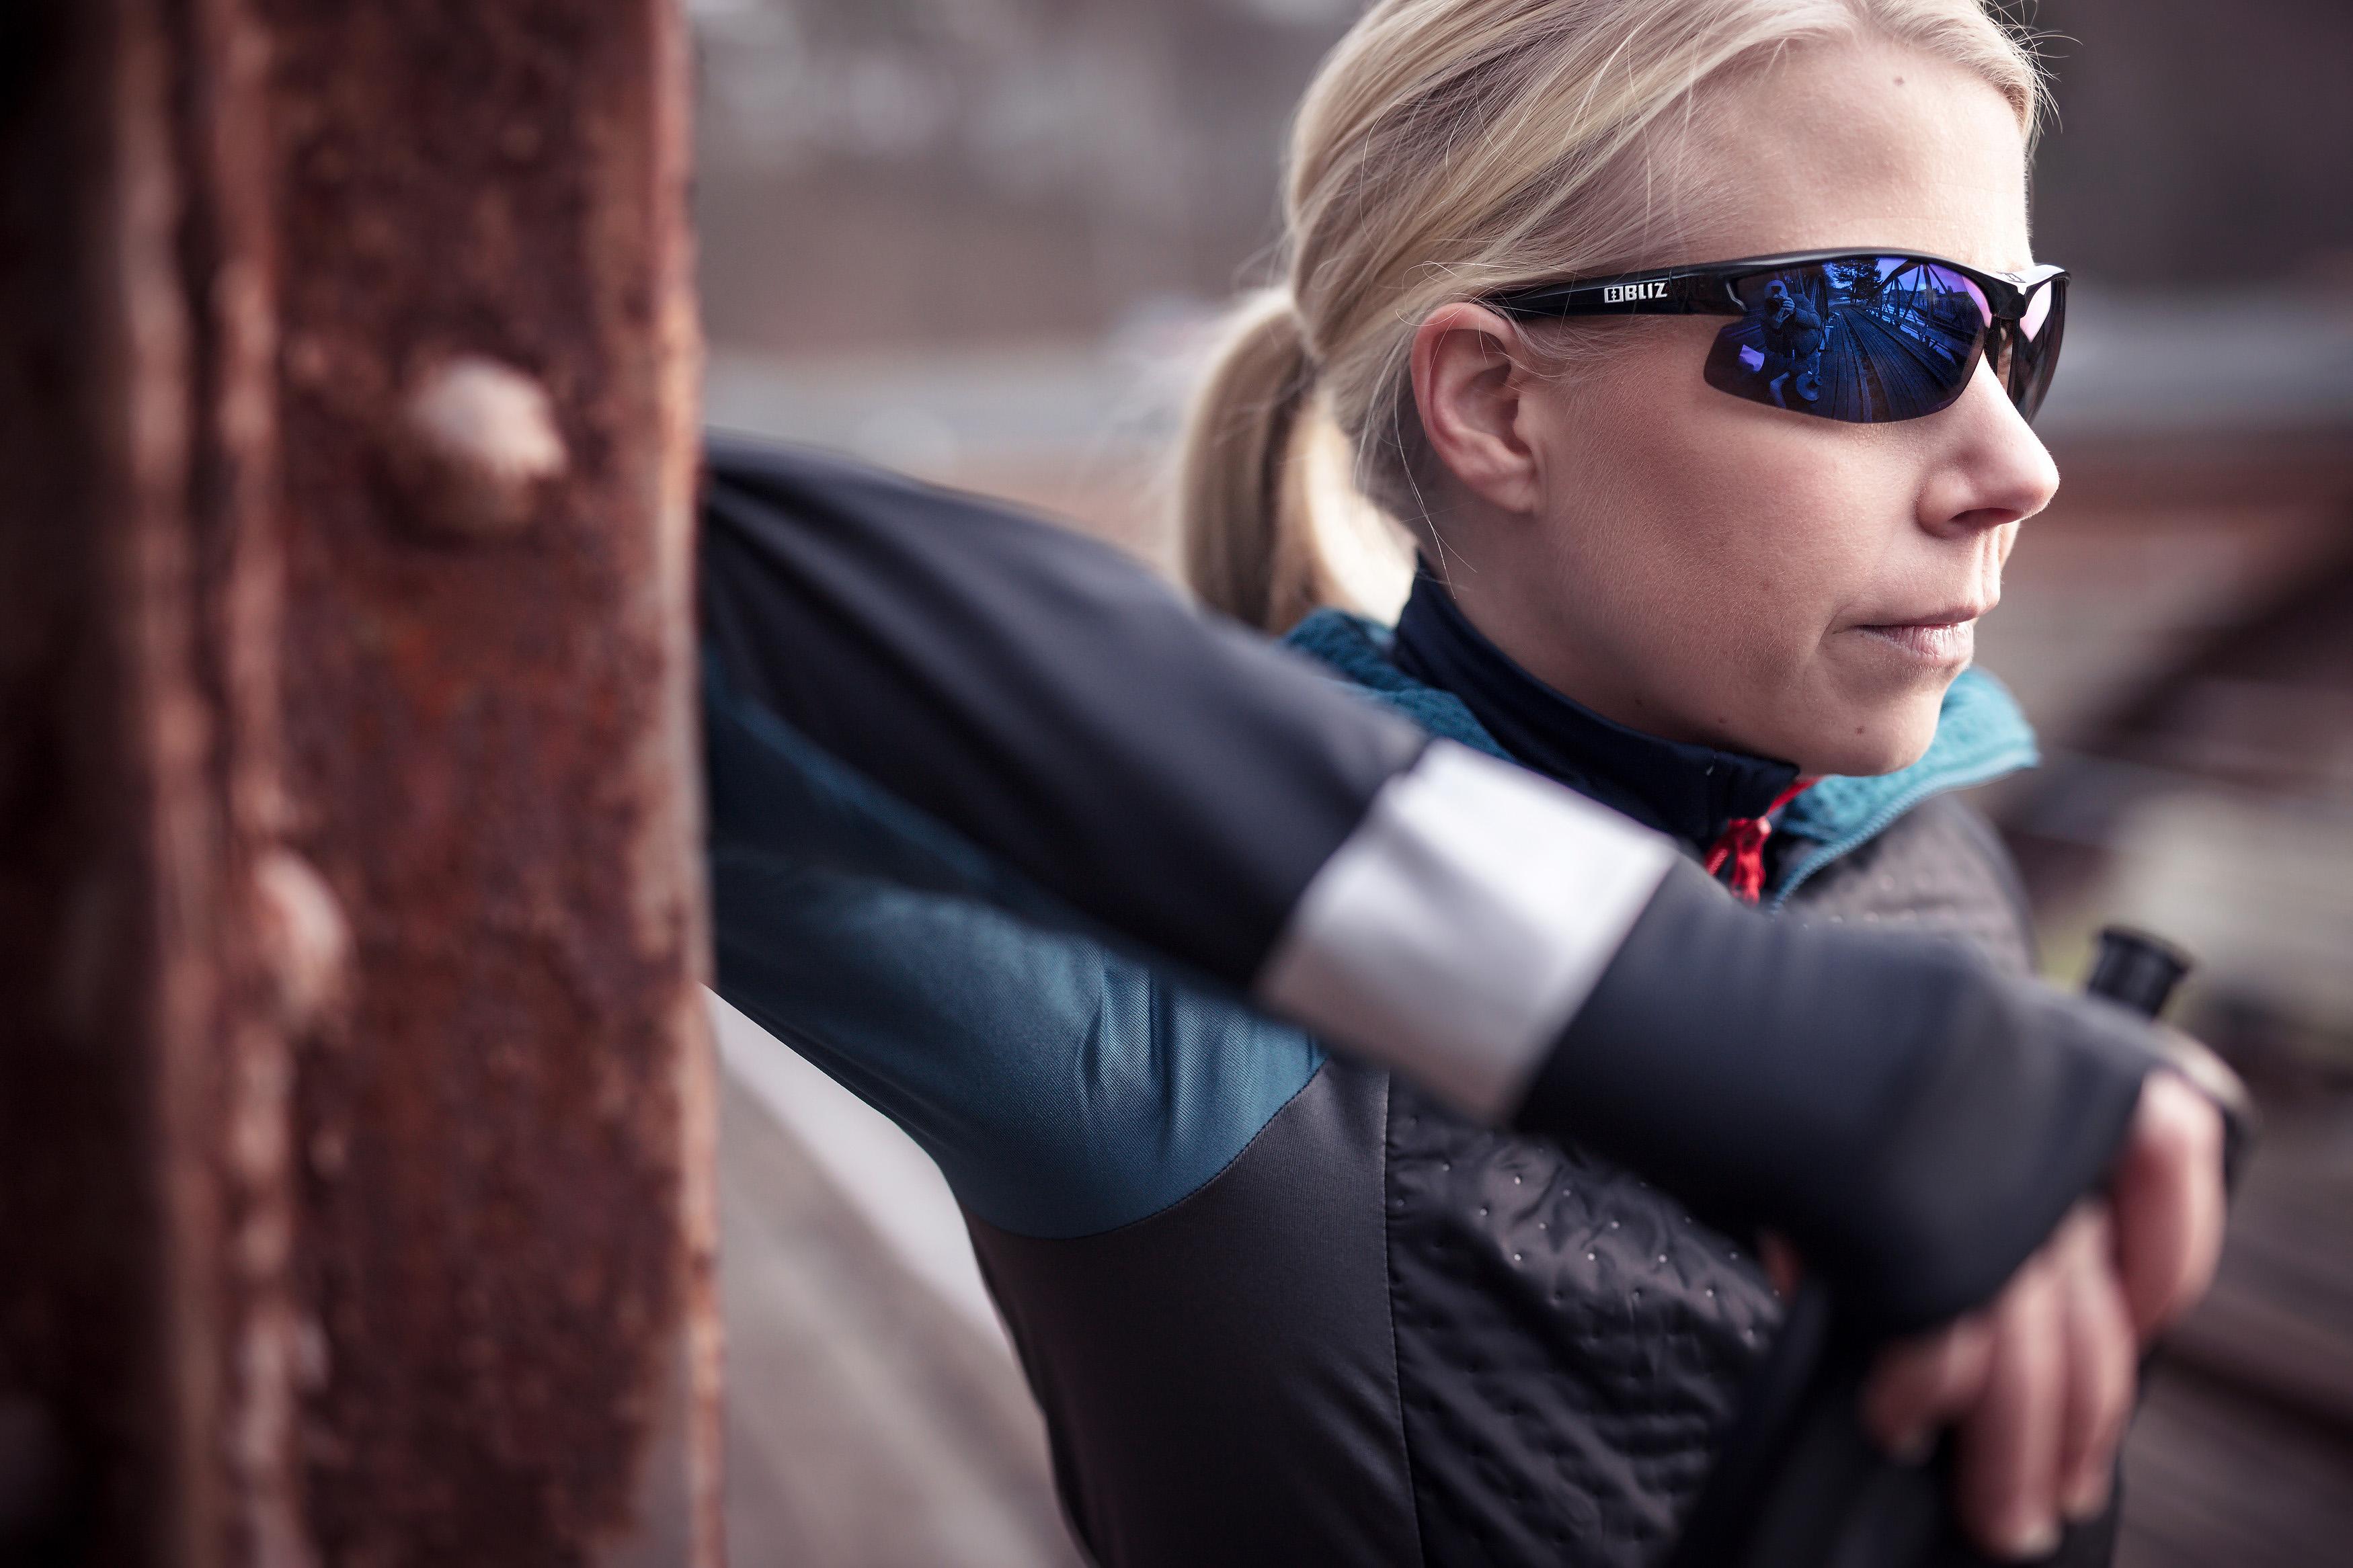 9060-13-motion-bliz-sunglasses-running-black-sportsglasses-lifestyle2.jpg